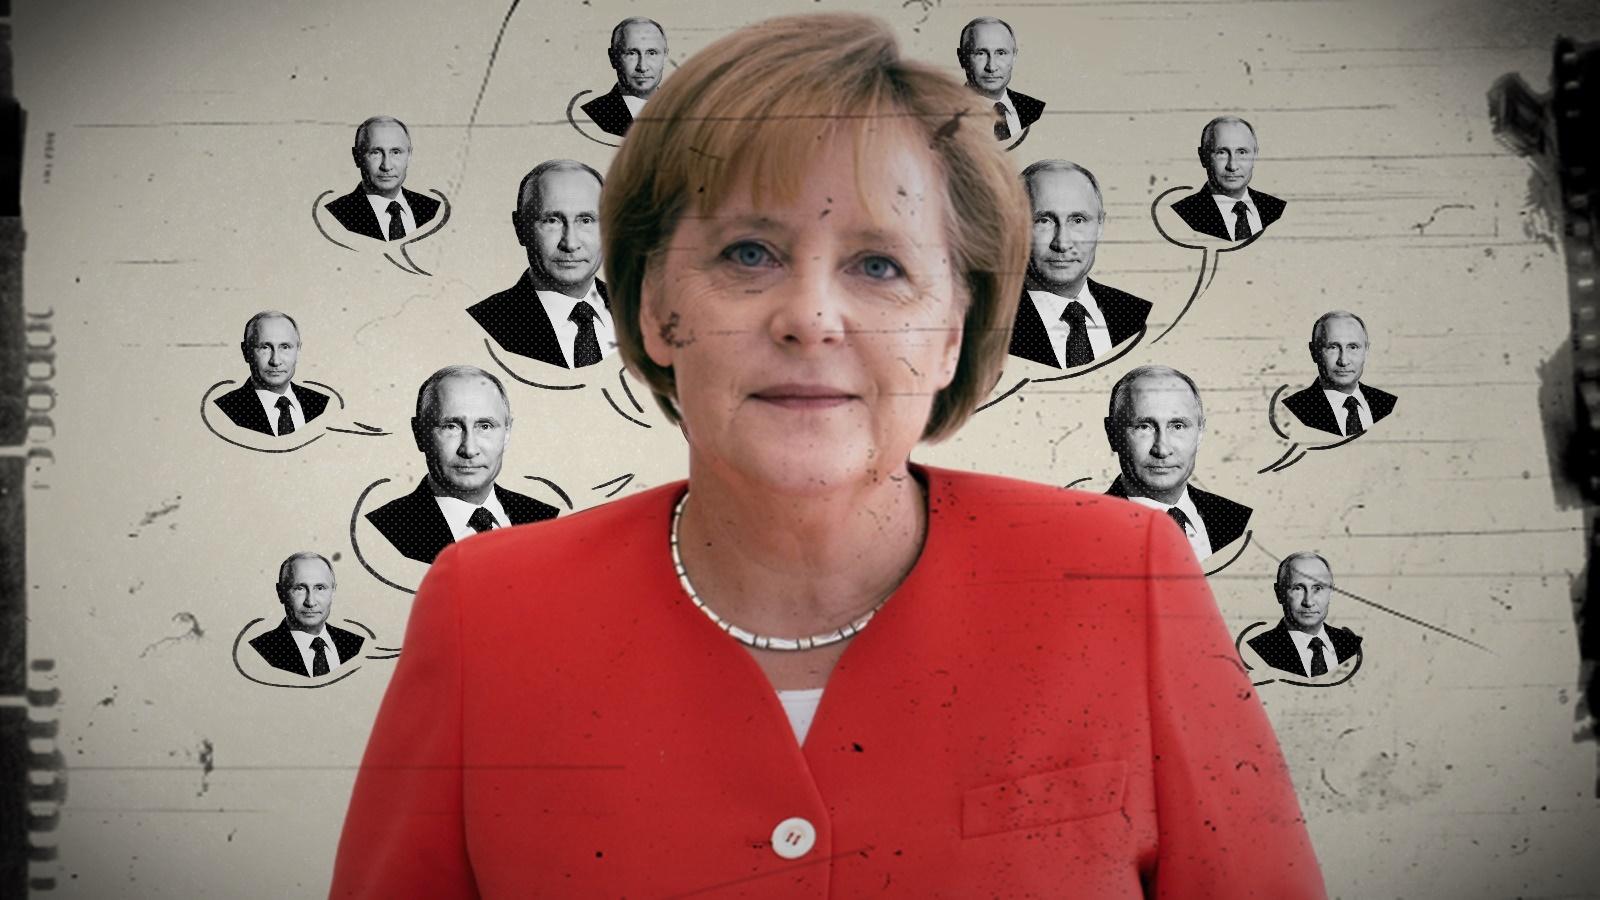 Germania a trădat SUA pentru Rusia lui Putin – CRITICII.RO